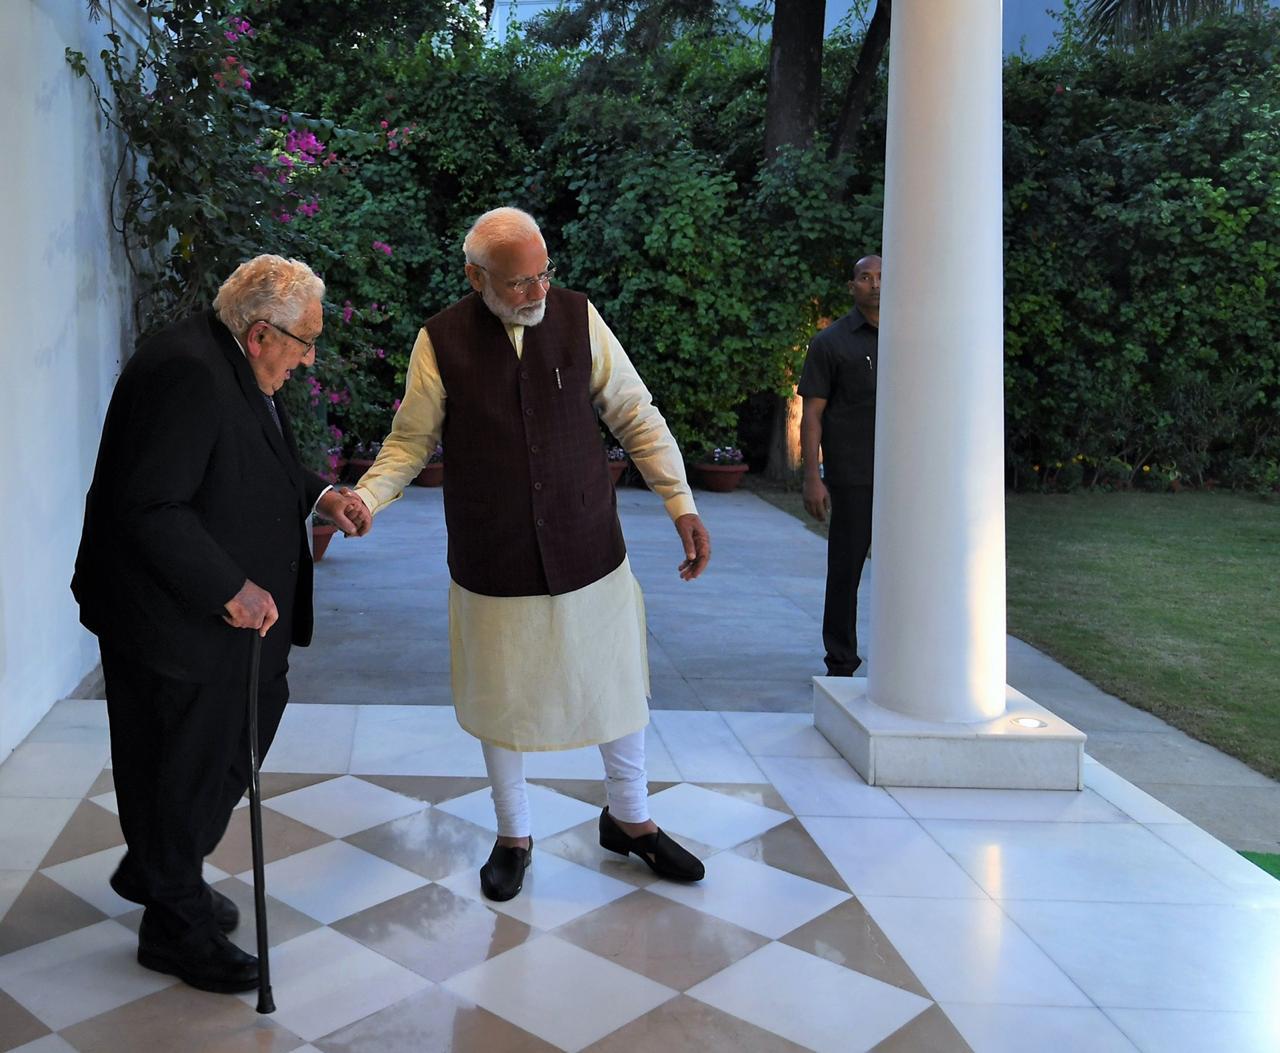 या सर्व मान्यवरांशी बोलताना पंतप्रधानांनी त्यांचं स्वप्न आणि महात्माकांक्षा असलेल्या भारतीय अर्थव्यवस्थेबद्दलही भाष्य केलं. 2024 पर्यंत भारताची अर्थव्यवस्था 5 ट्रिलियन डॉलरपर्यंत नेण्यासाठी सरकार करत असलेल्या उपाययोजनांबद्दलही त्यांनी माहिती दिली.